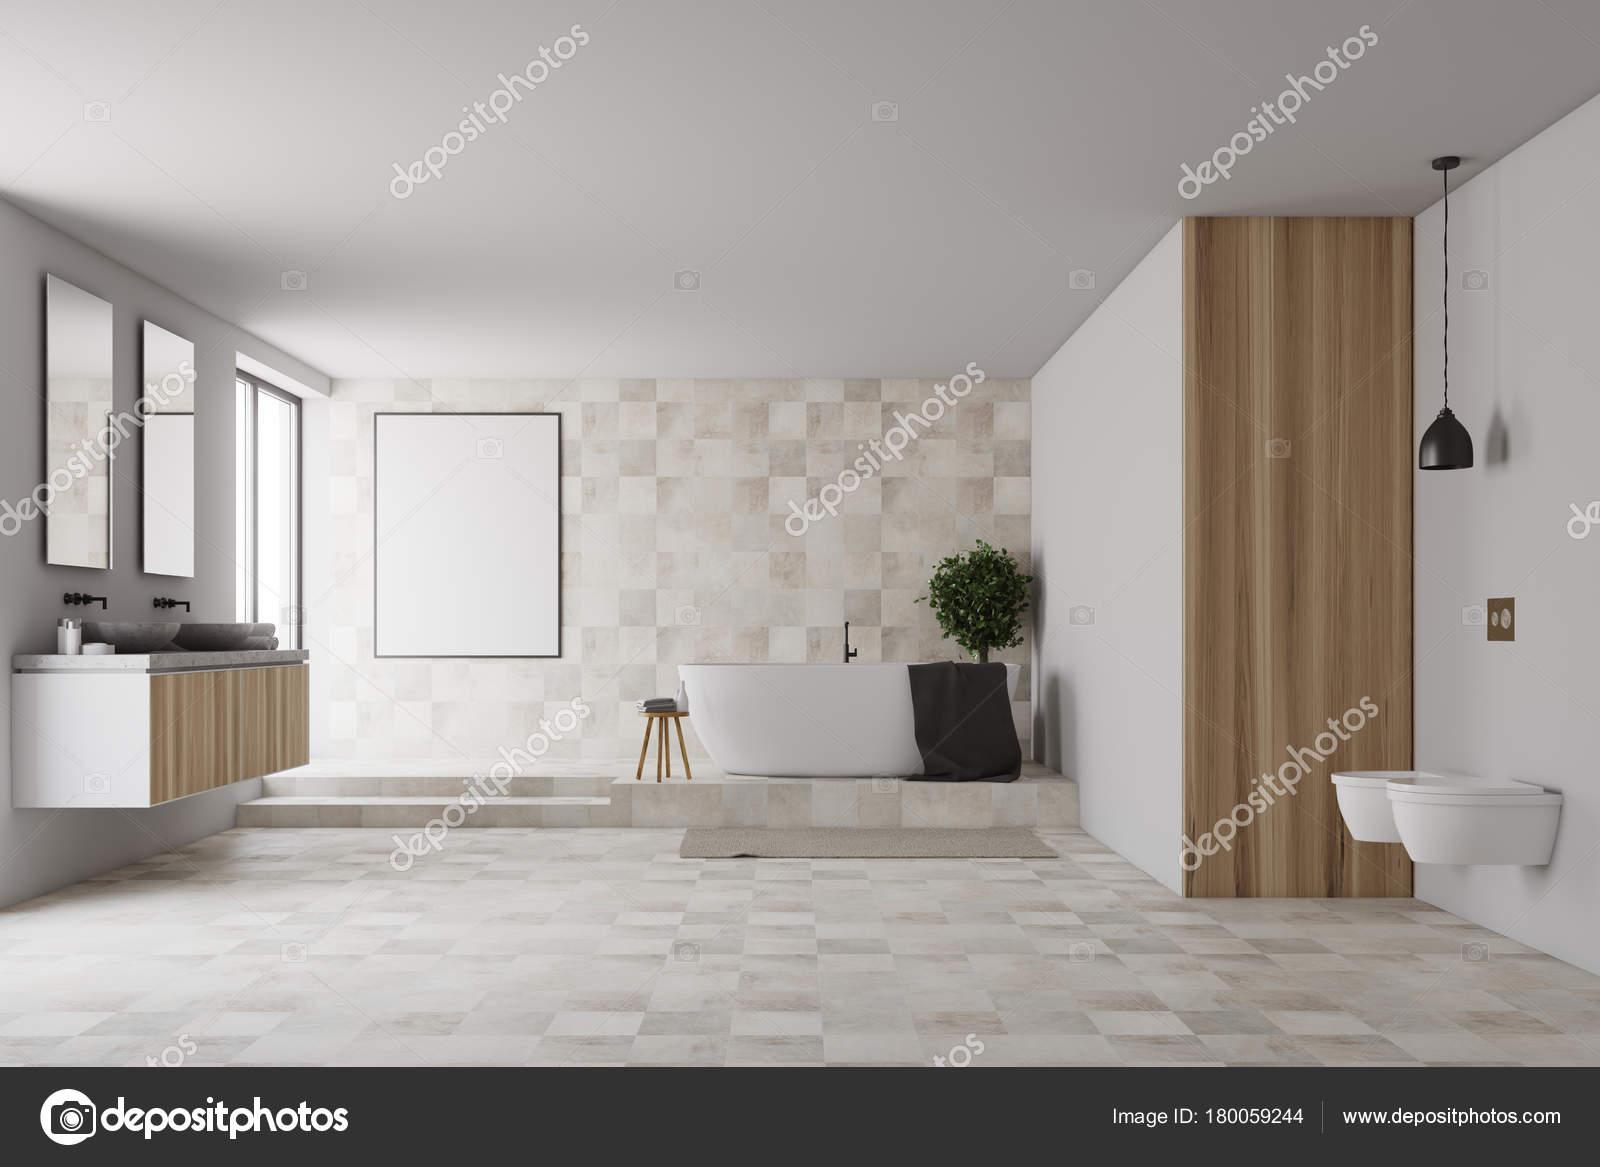 Fliesen und weiße Badezimmer, poster — Stockfoto © denisismagilov ...